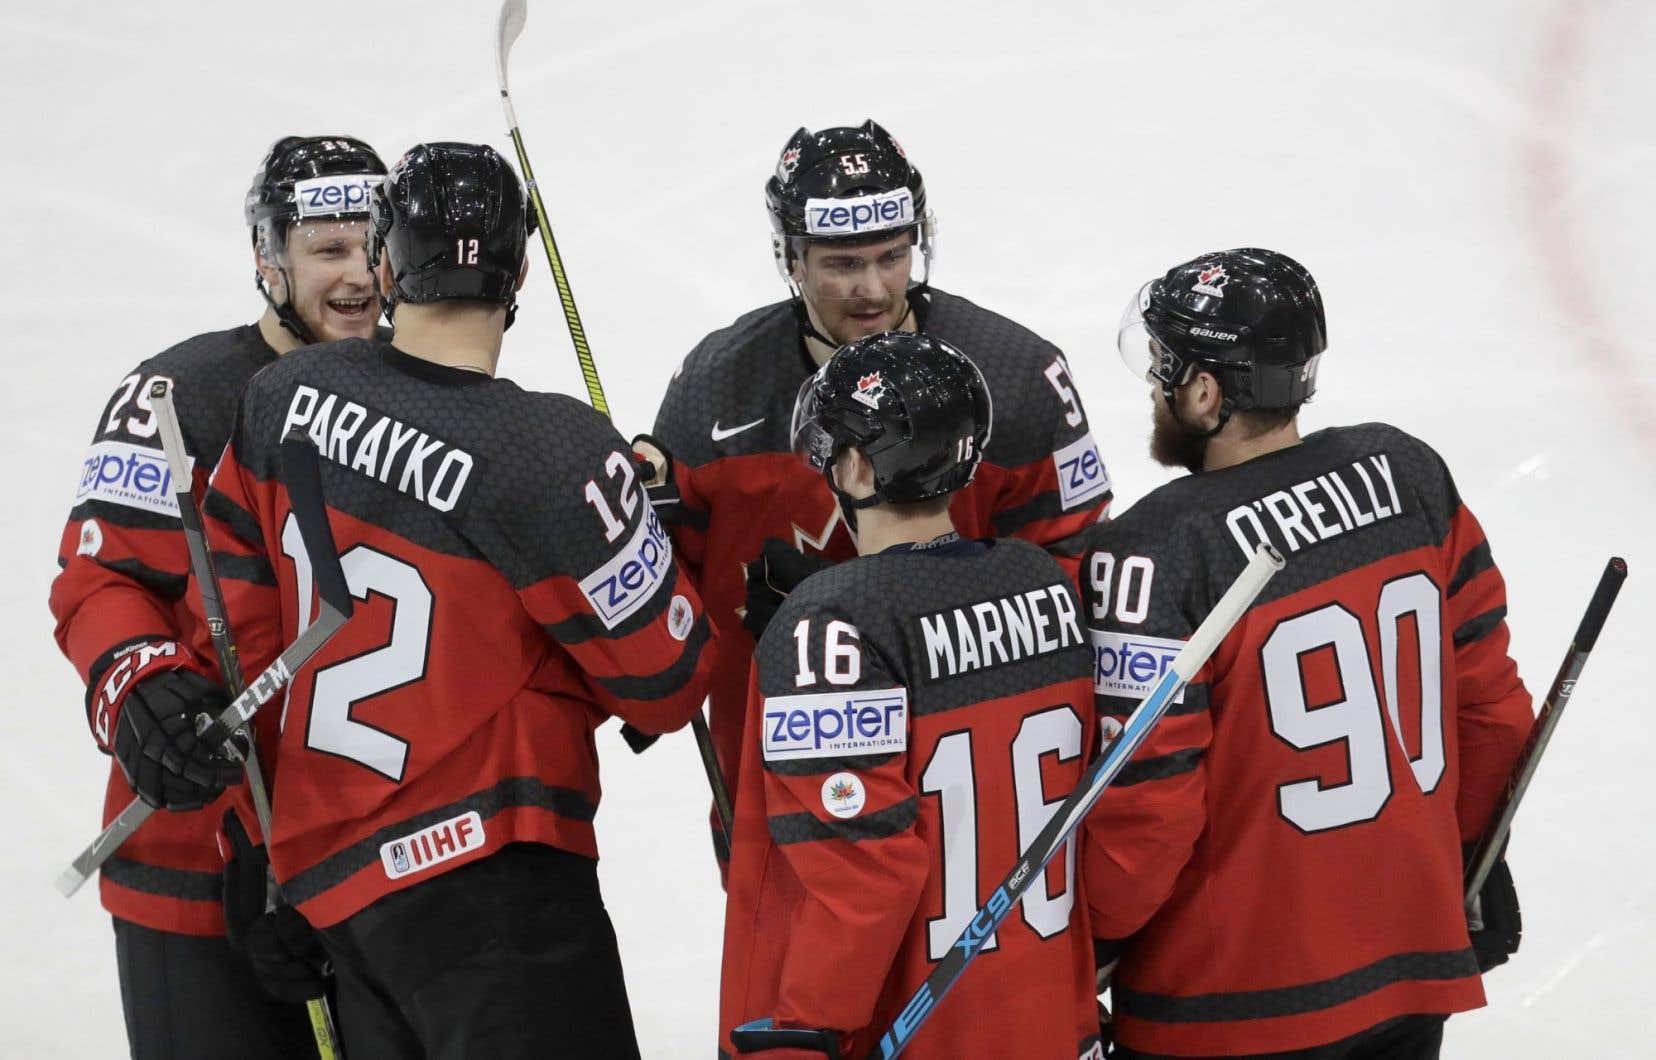 En vertu de cette victoire, le Canada a terminé la phase préliminaire avec une récolte record de 19 points et un dossier de 6-0-0-1.